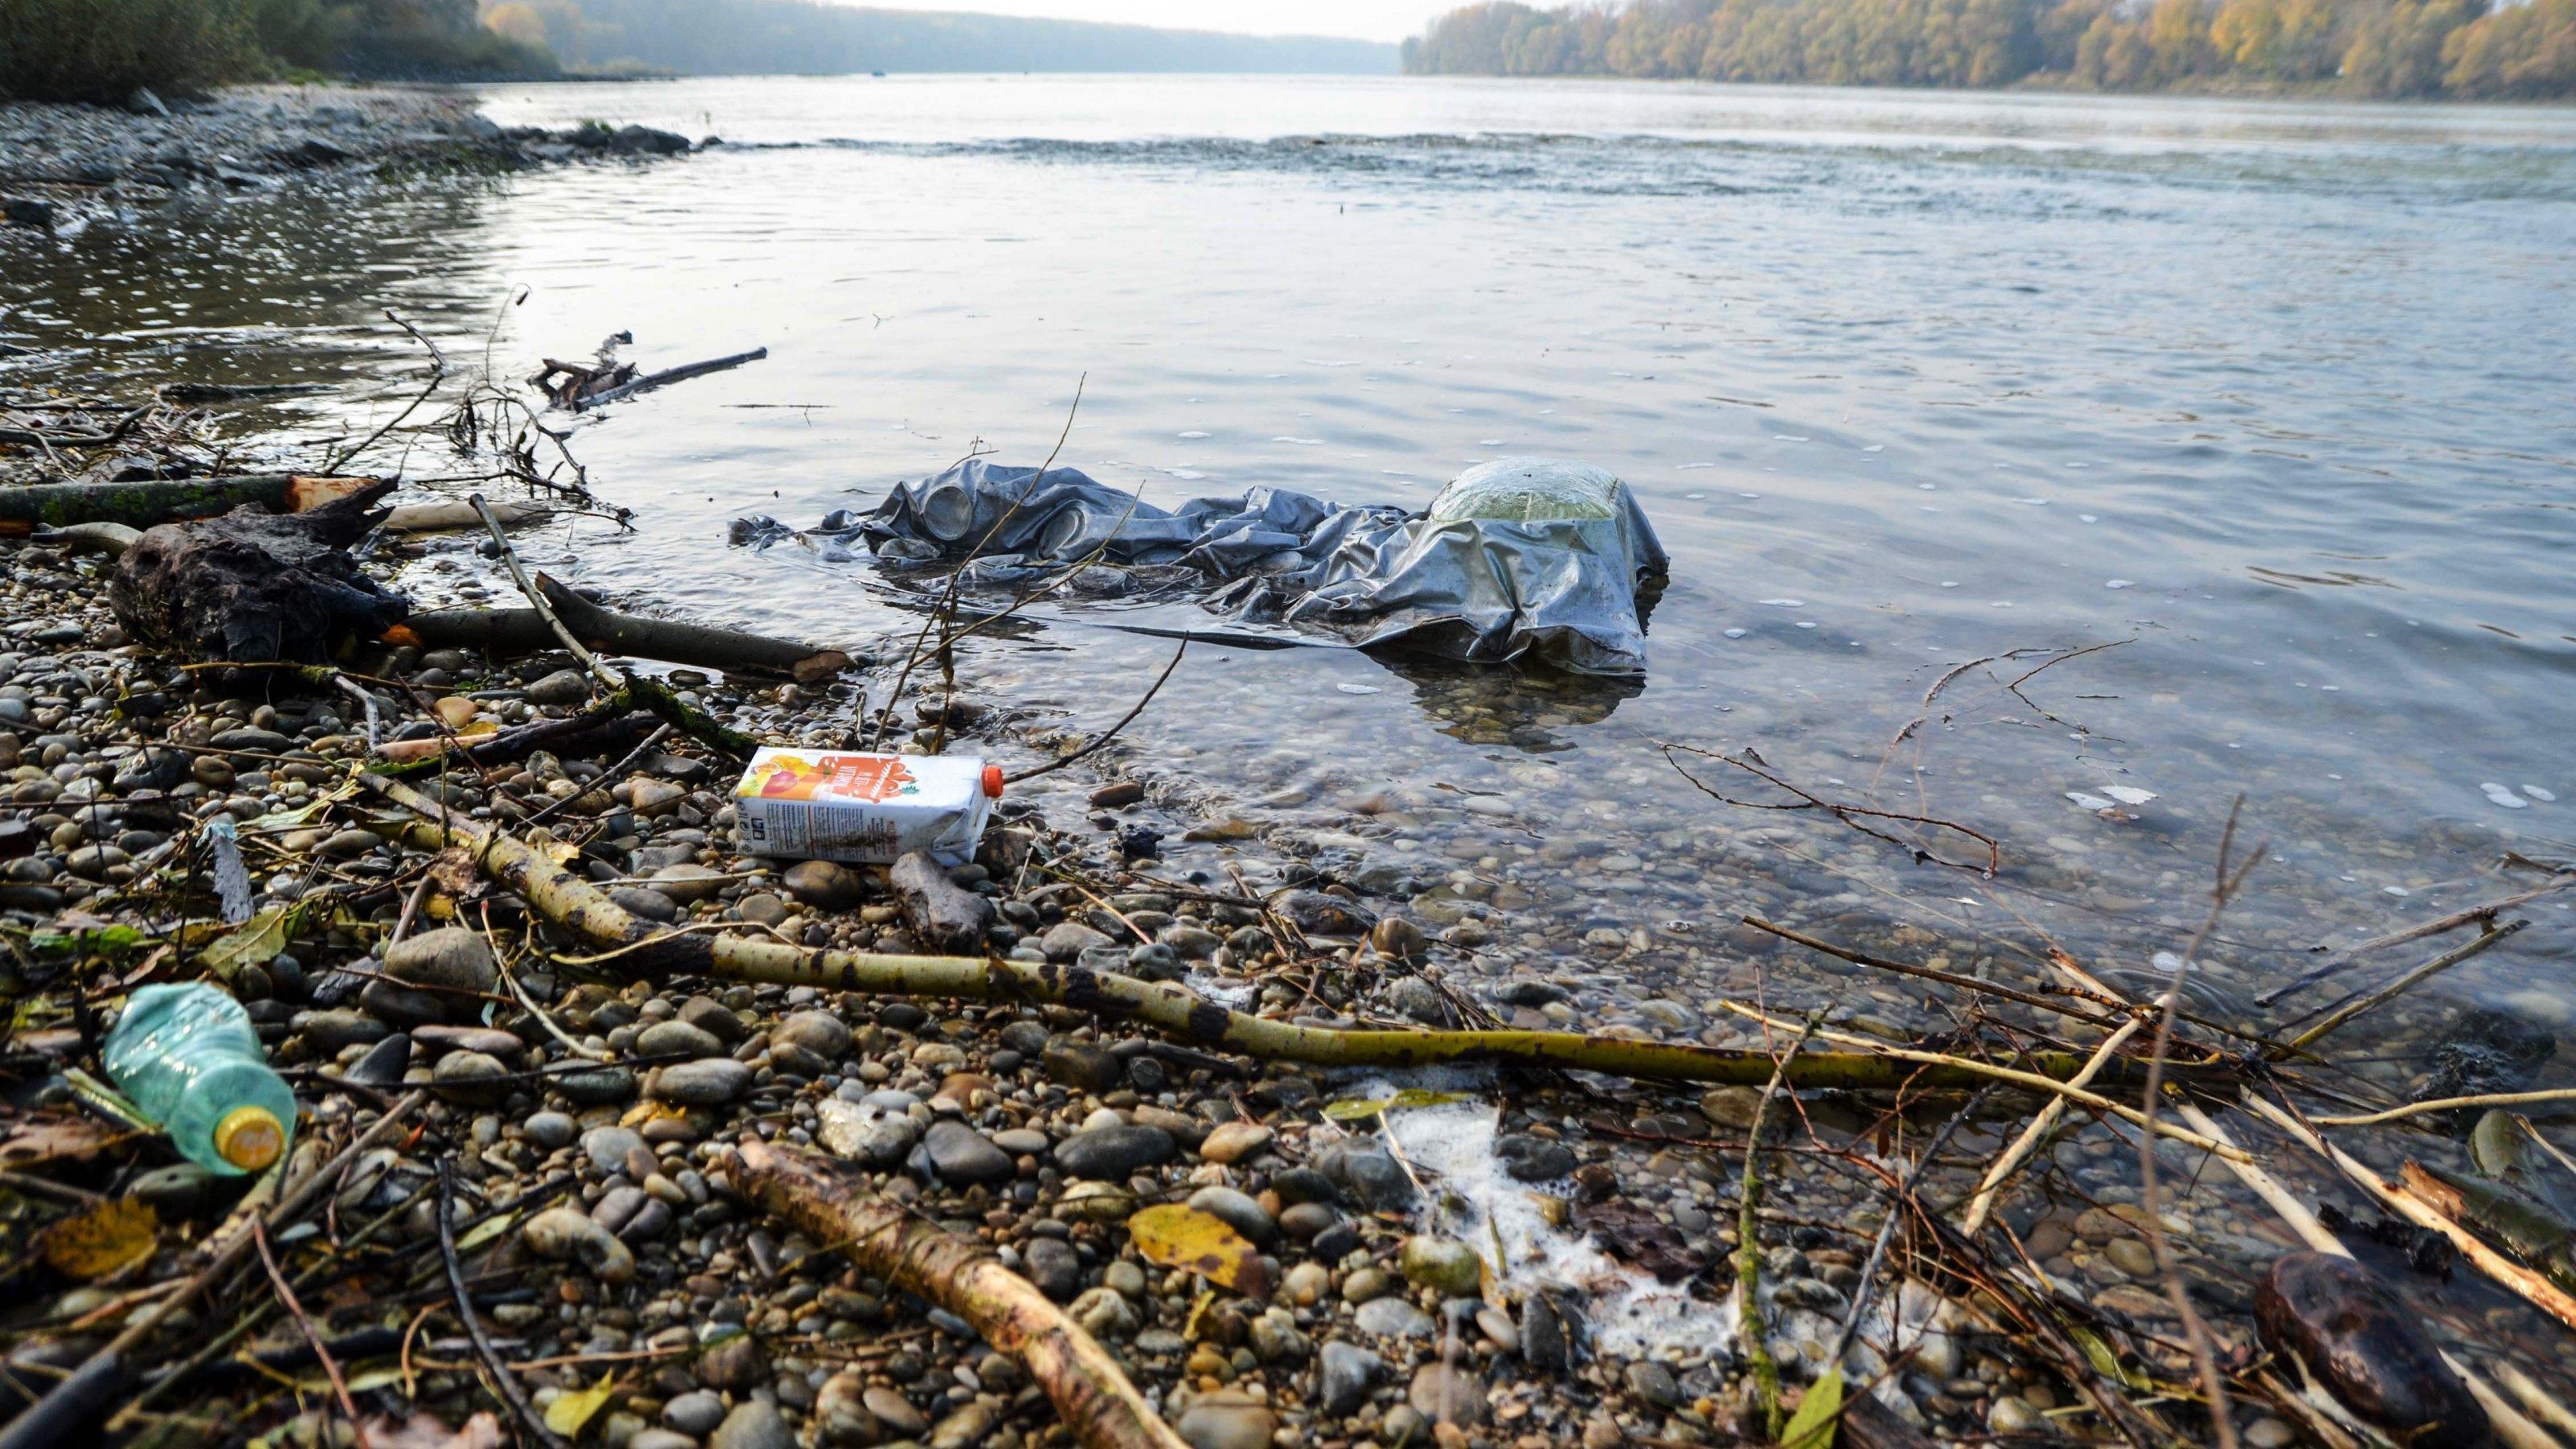 Schotter-Ufer der Donau im Bereich der Au mit Plastikabfällen.